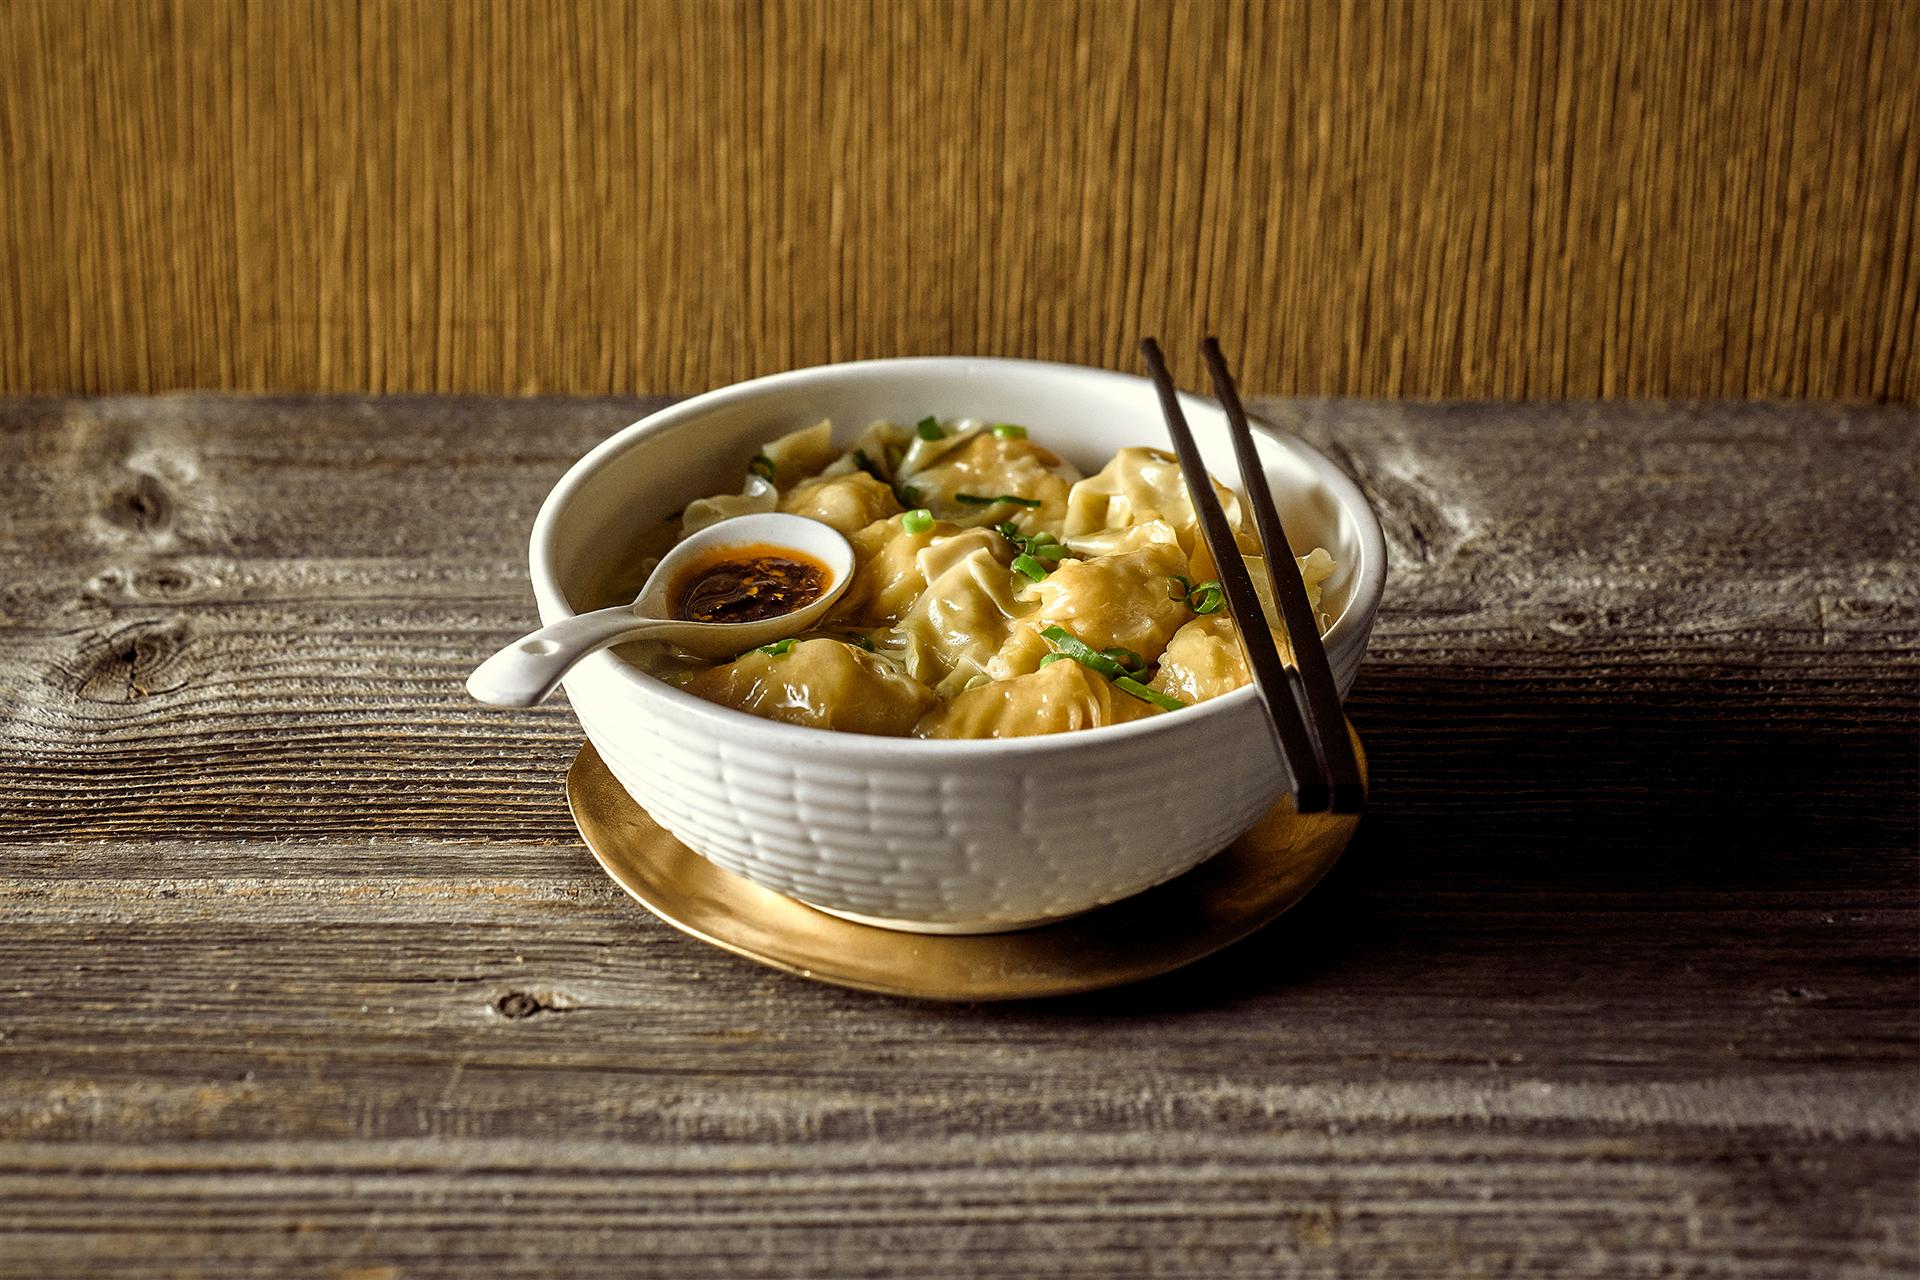 Shui kau noodle soup